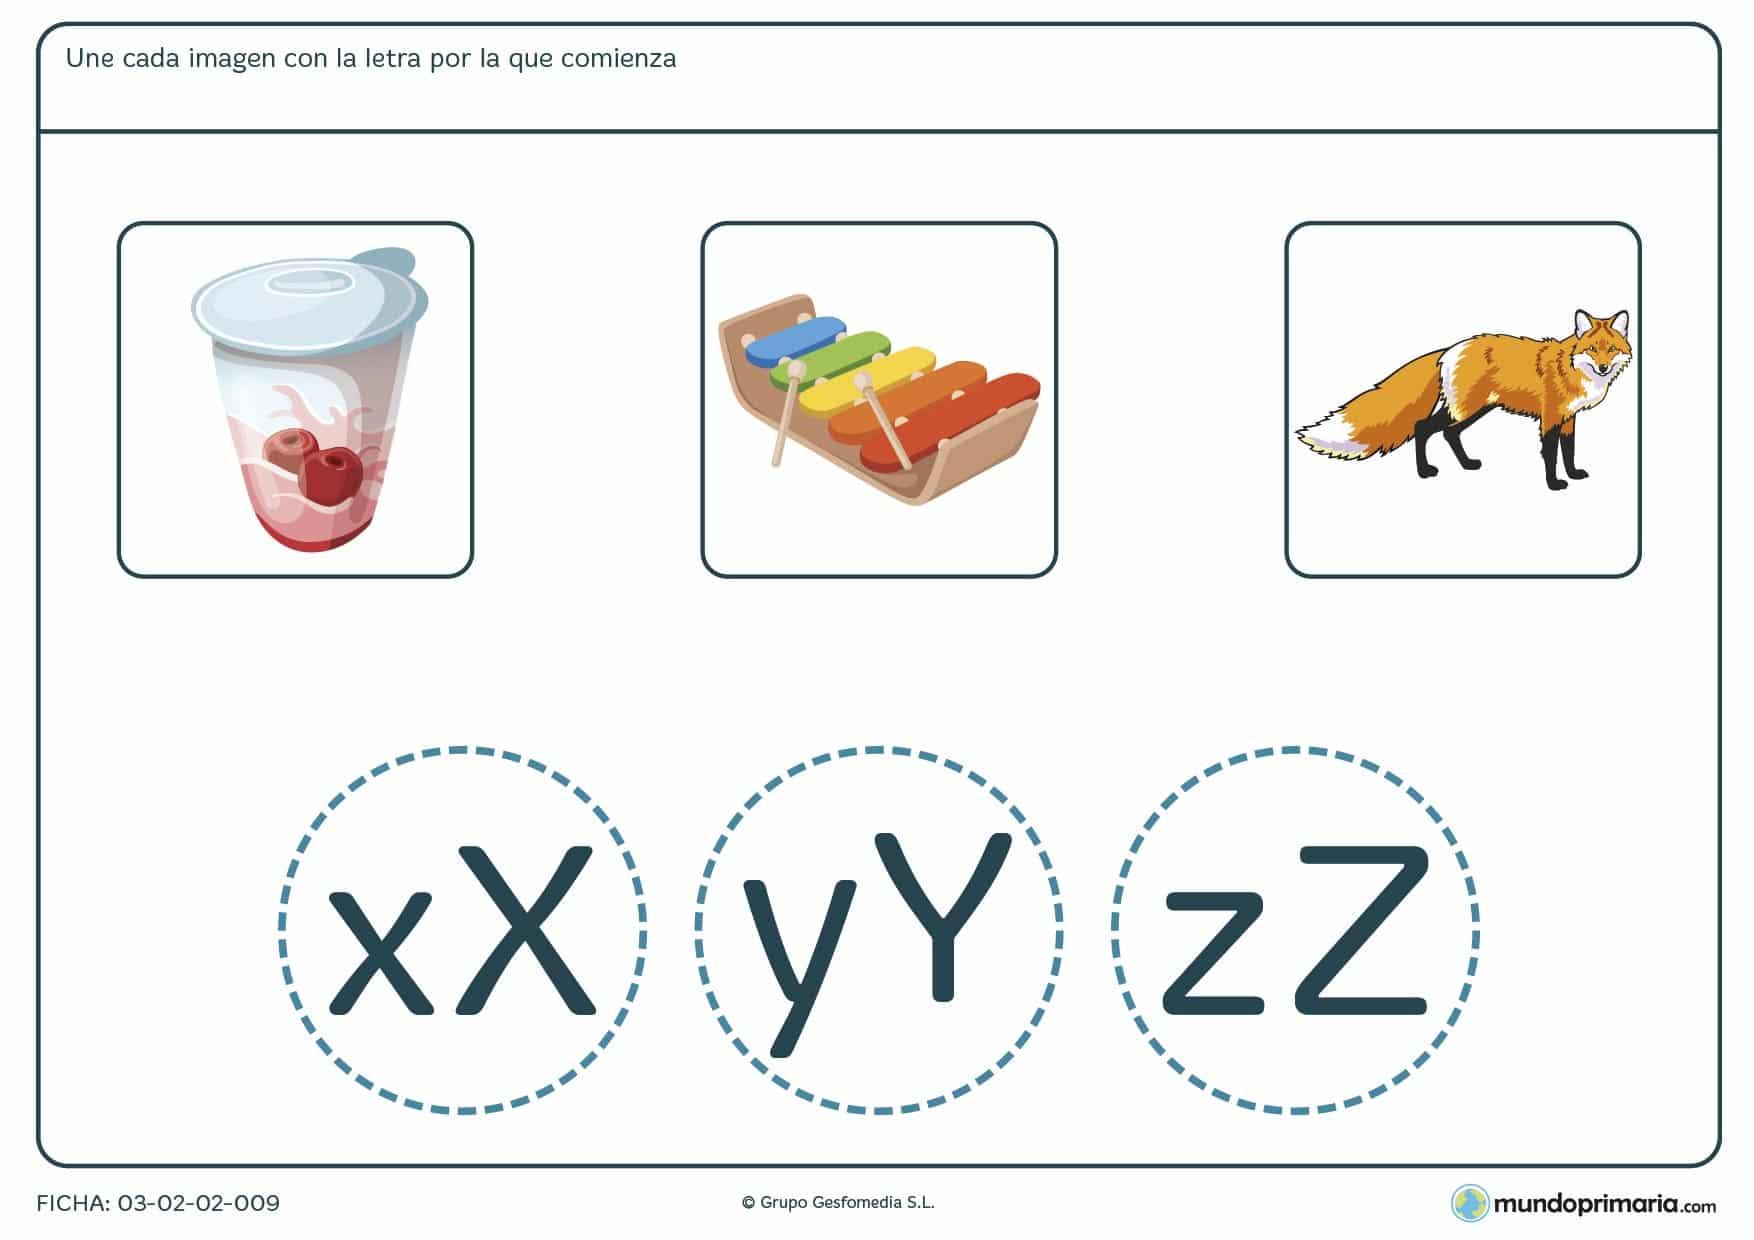 Ficha para relacionar imágenes con sus letras iniciales para aprender vocabulario en 1º Primaria.